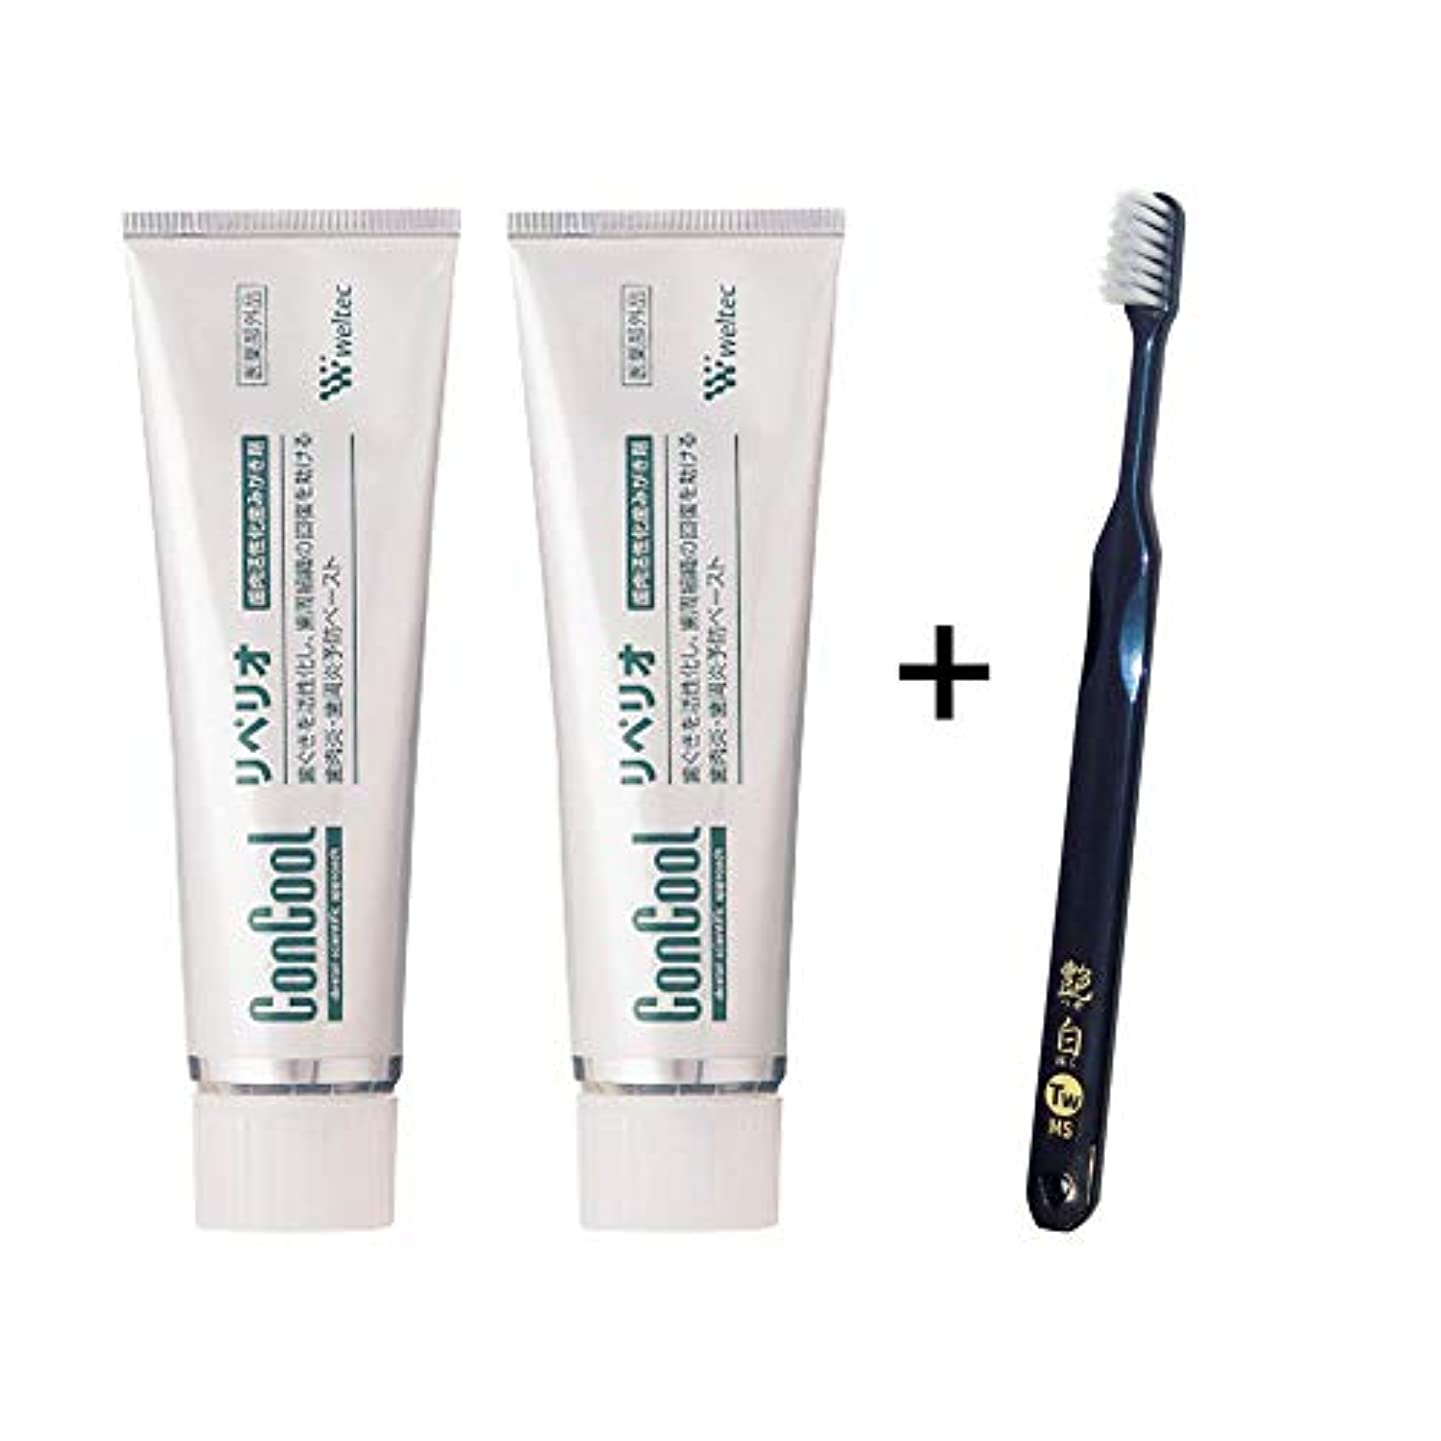 マッシュ連続したメインコンクール リペリオ 80g × 2本 + 艶白 歯ブラシ(日本製) 1本付き MS(やややわらかめ) 歯周病予防 歯科医院取扱品